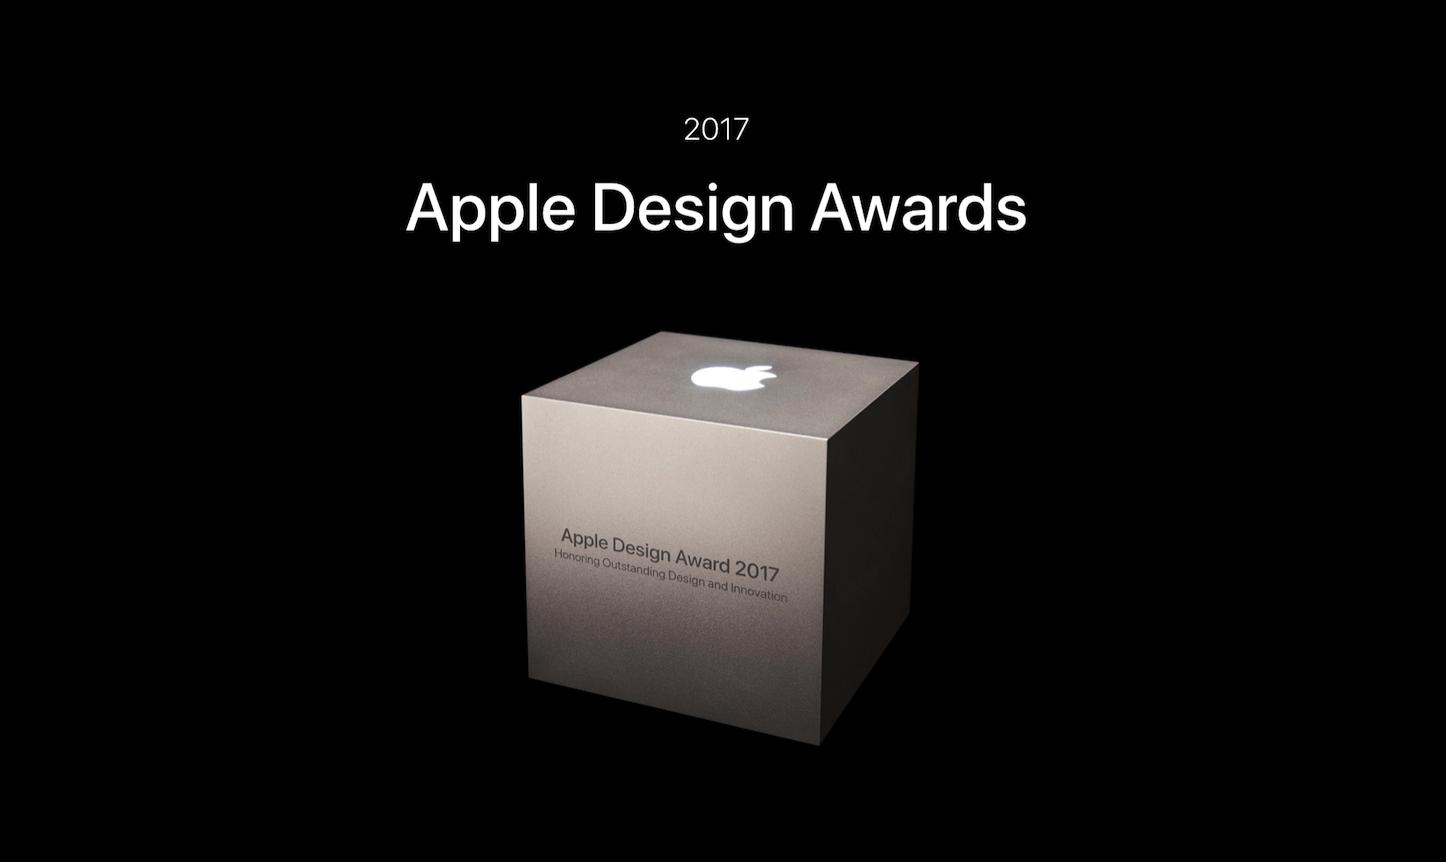 Apple-Design-Awards-2017.png